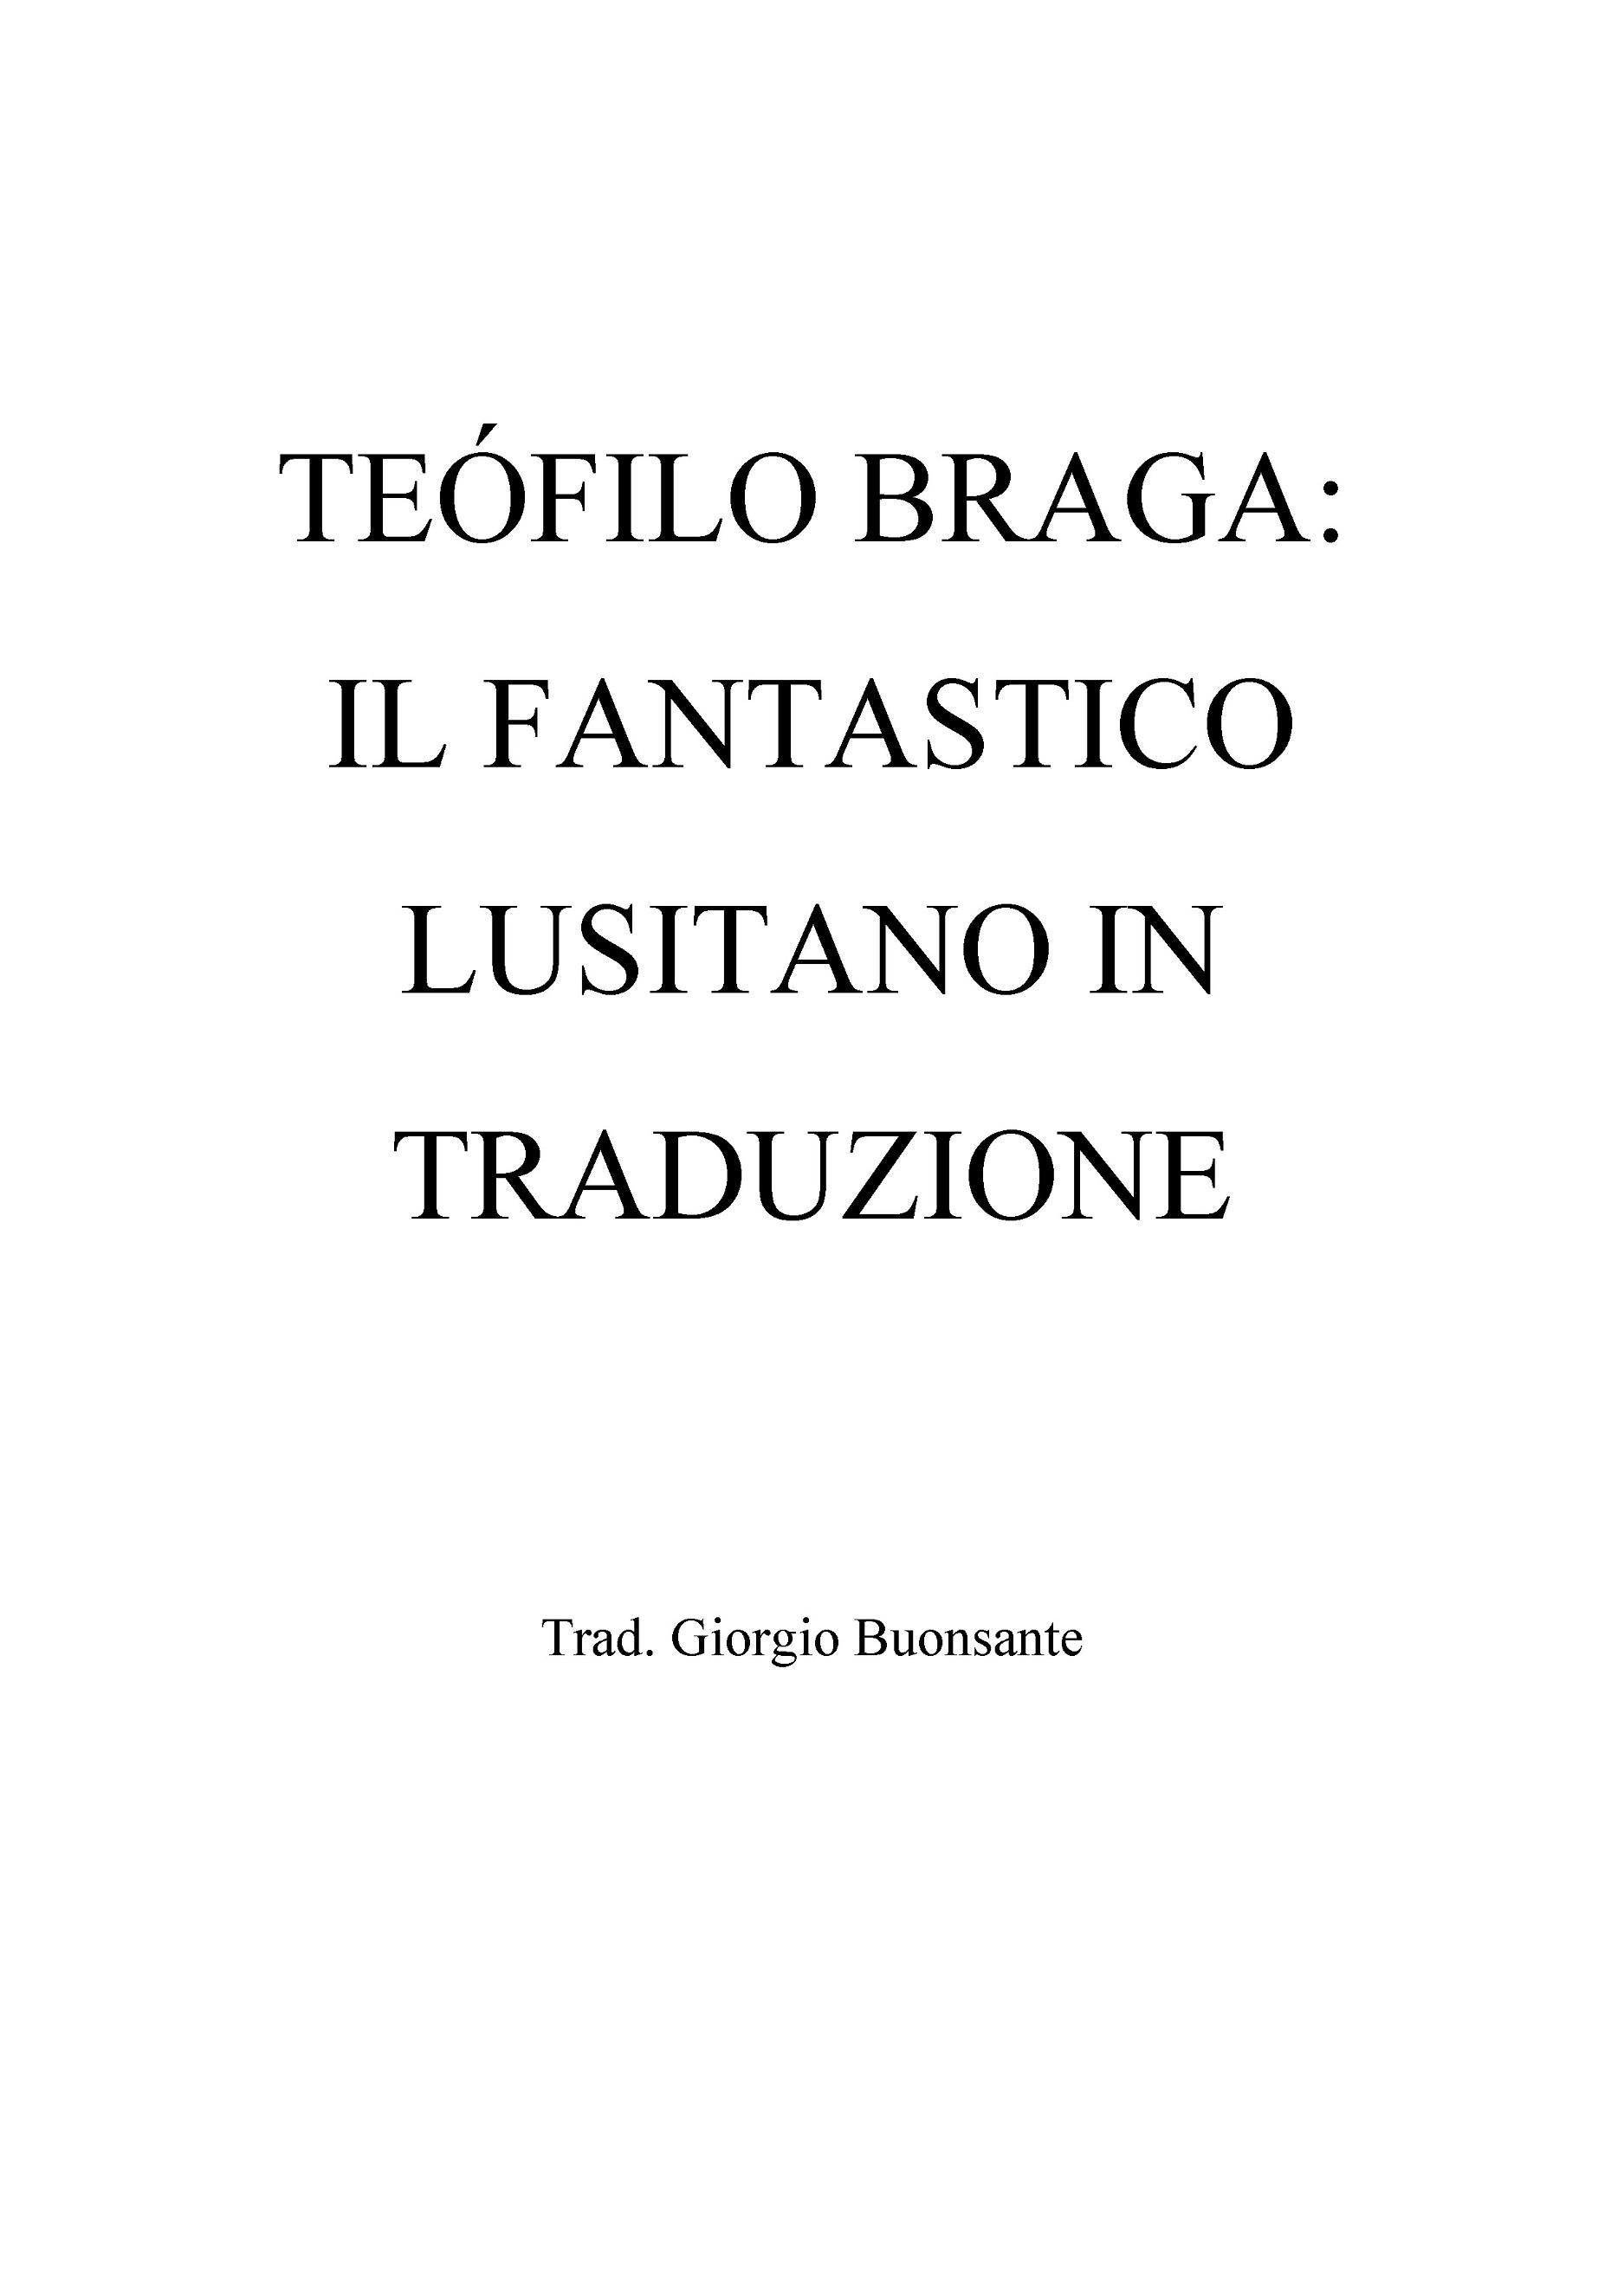 Teófilo Braga: il fantastico lusitano in traduzione